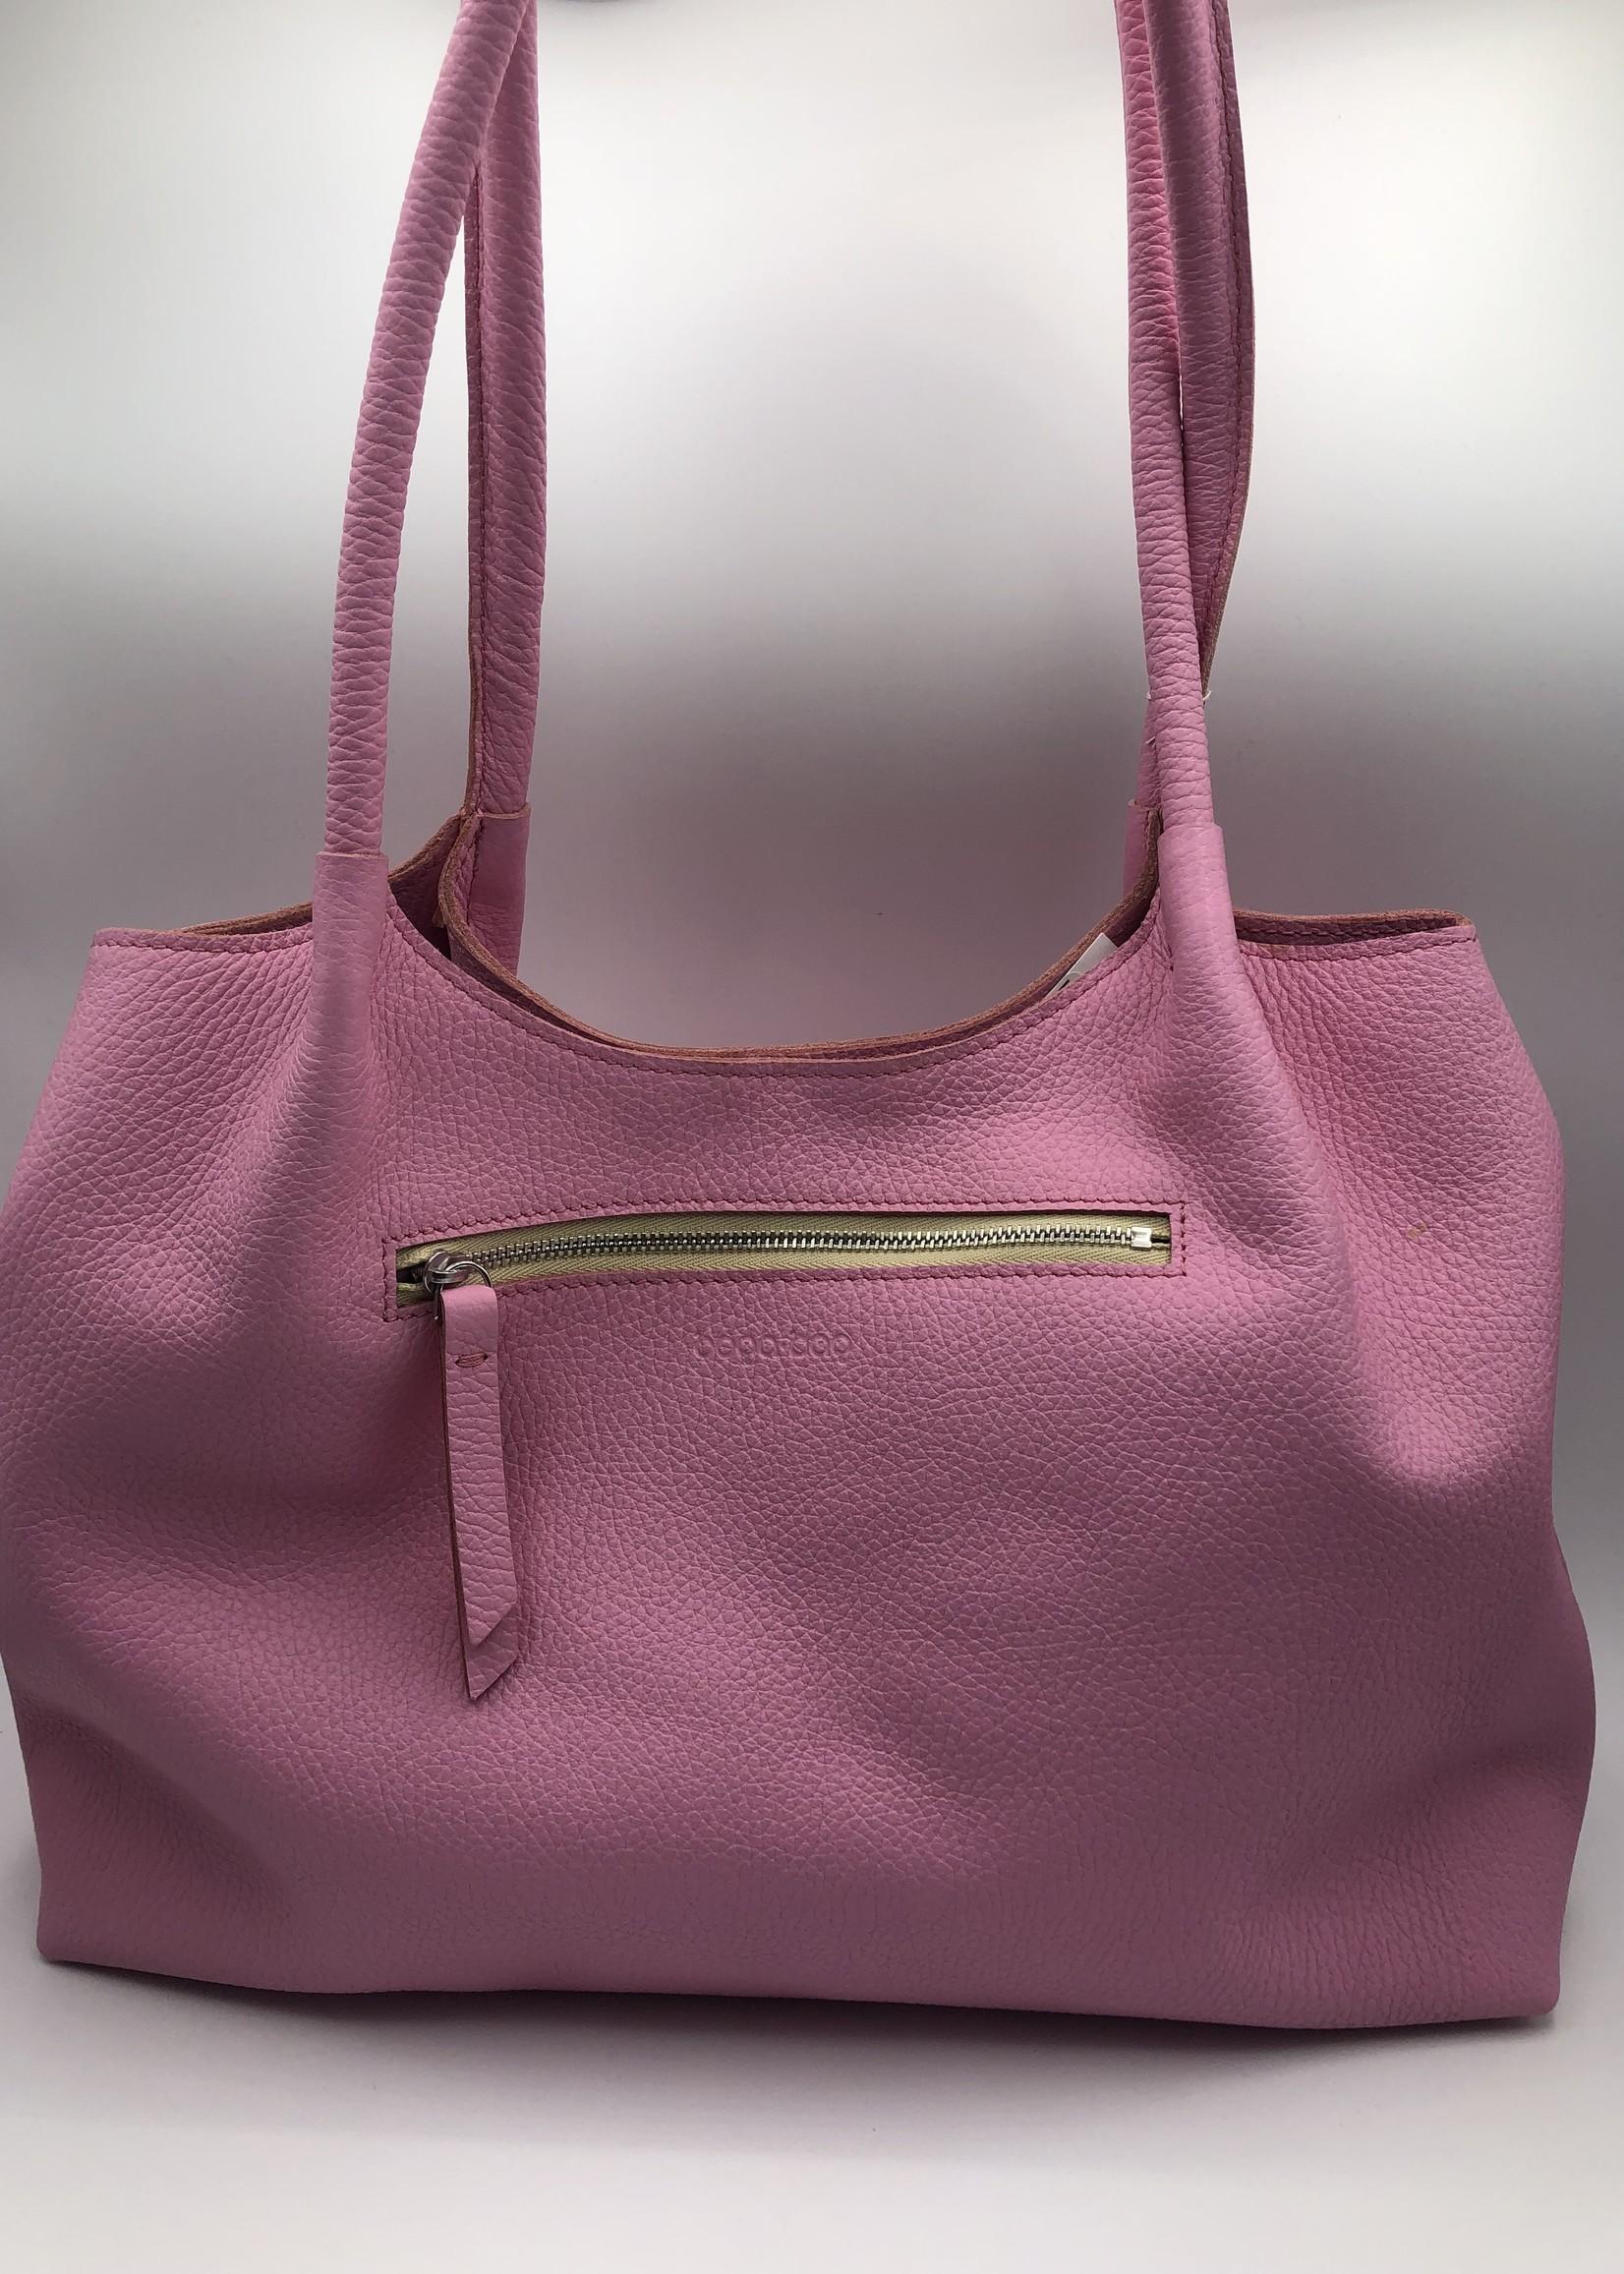 BogaBag Light Pink Shoulder Tote Bag